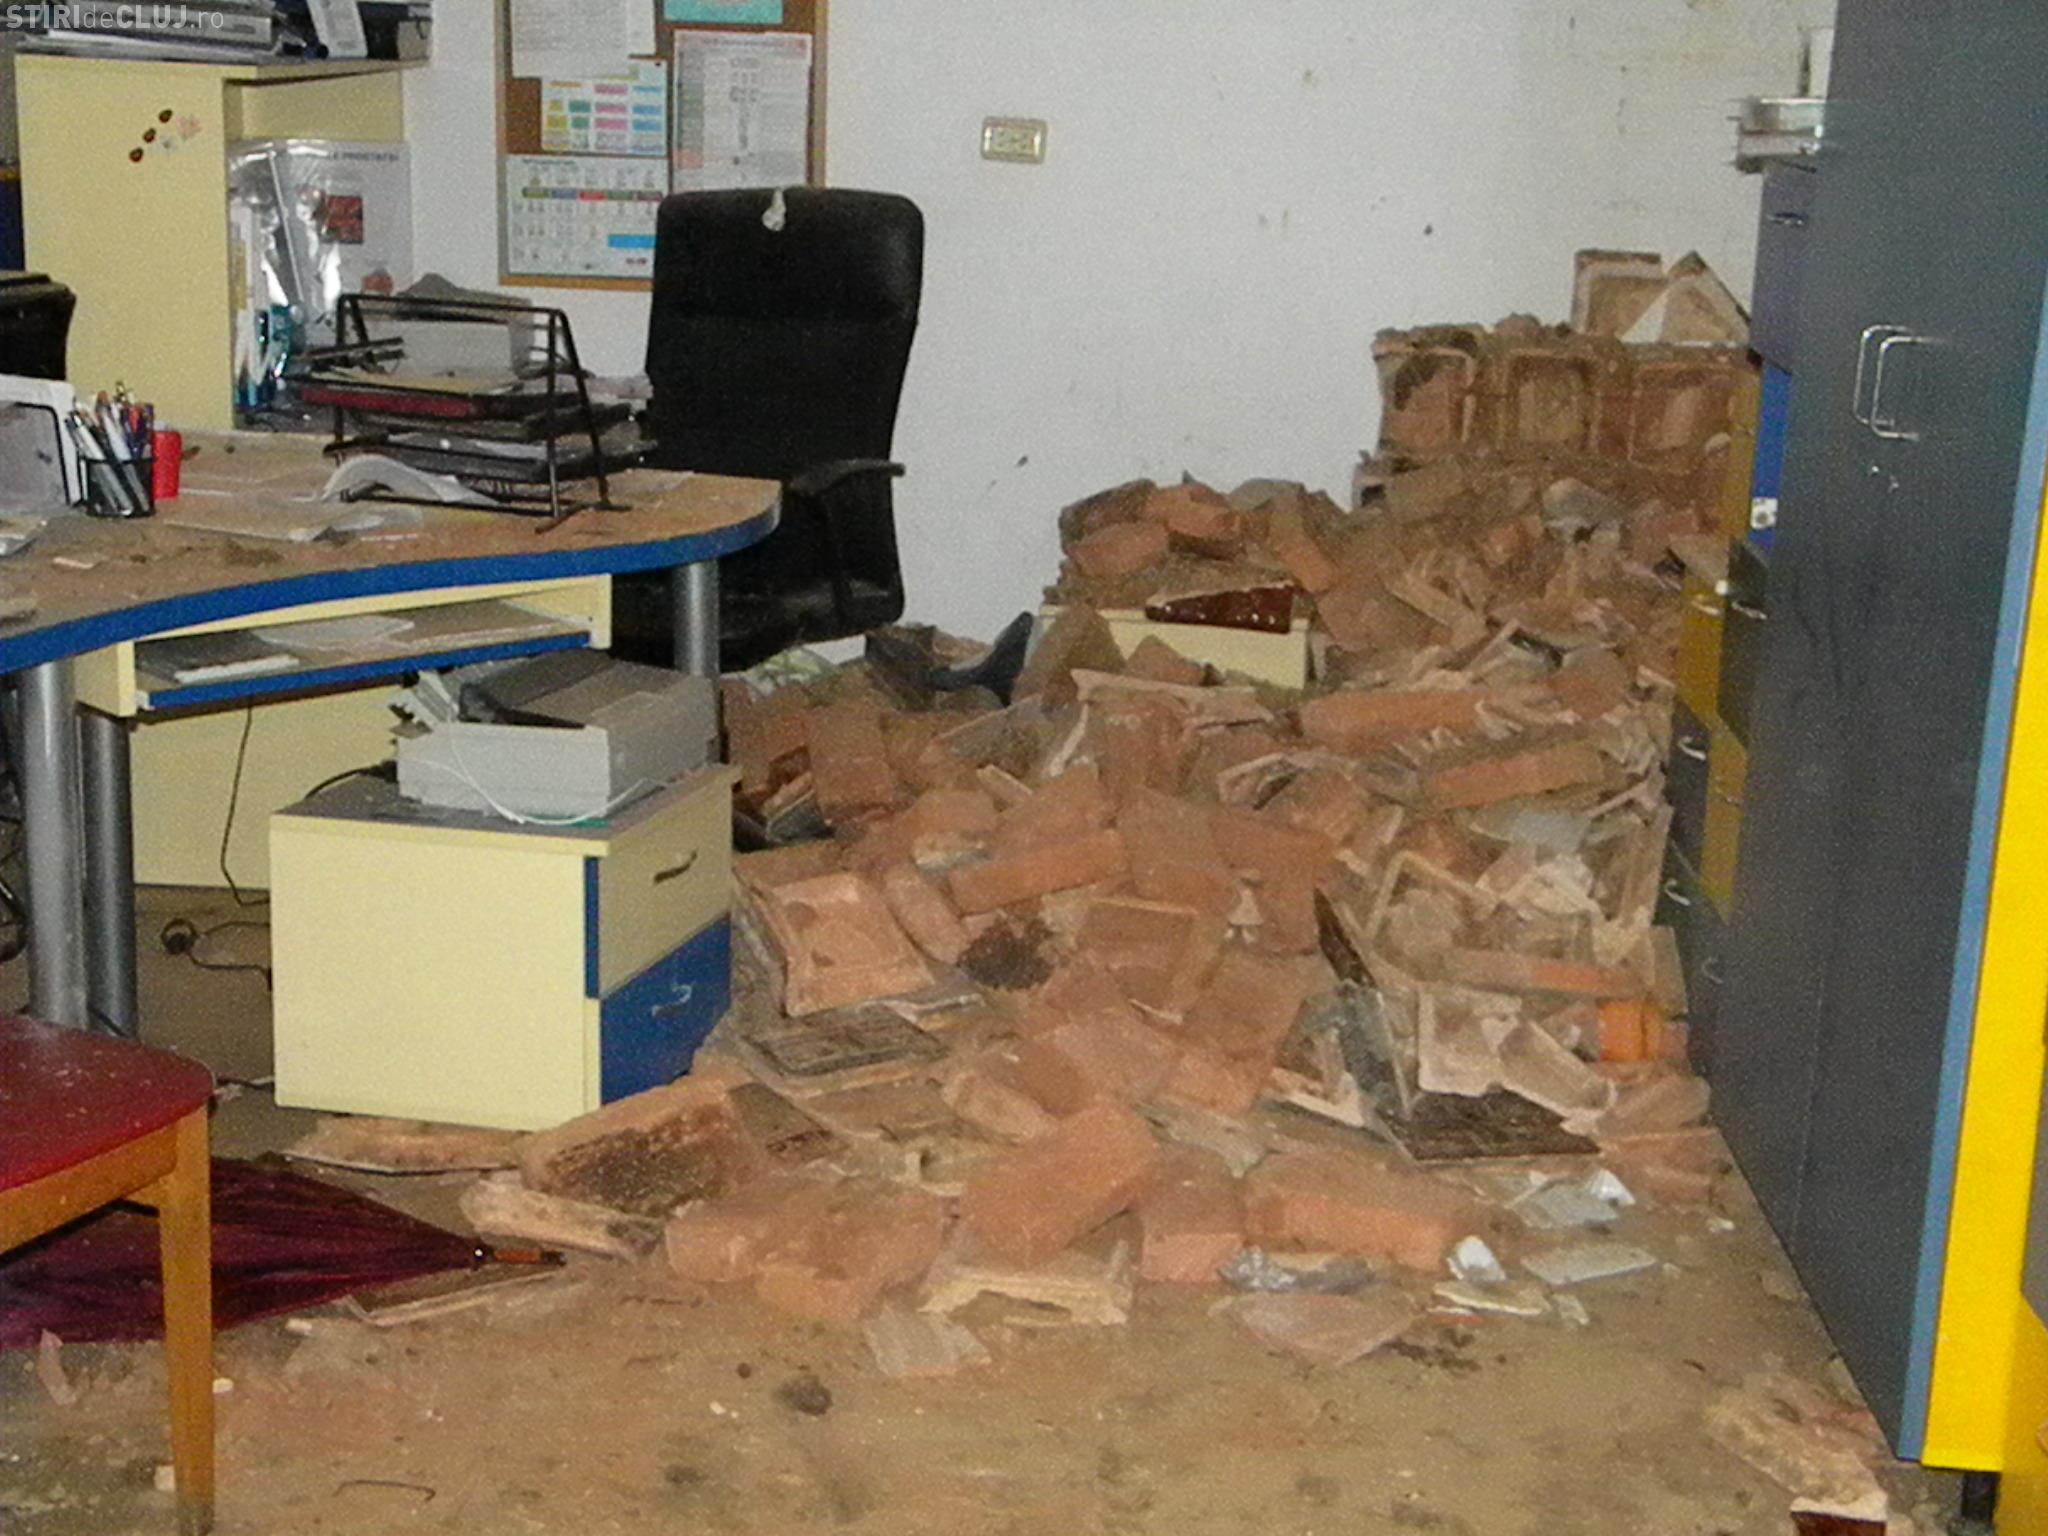 Explozie în Cluj, pe 21 Decembrie 1989. Cabinetul unui medic de familie a explodat doua persoane au fost ranite FOTO